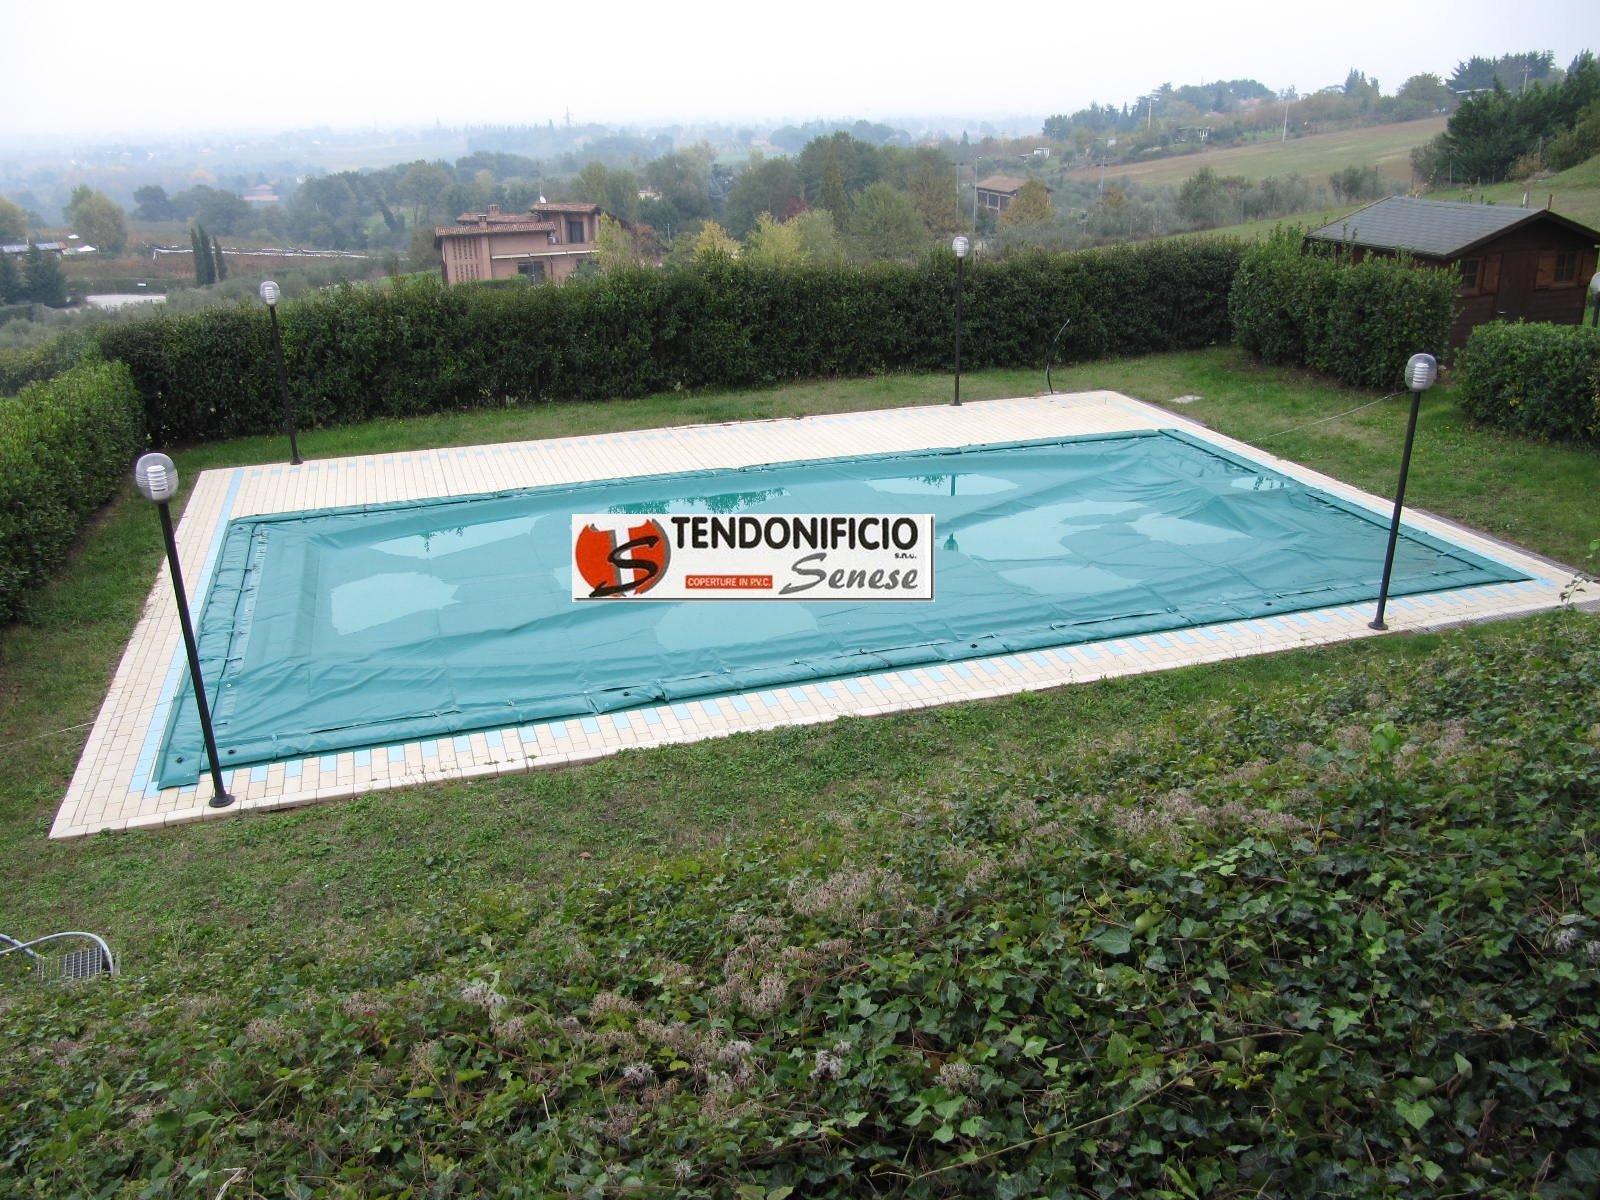 Teli di copertura per piscina monteroni d 39 arbia - Teli per piscine ...